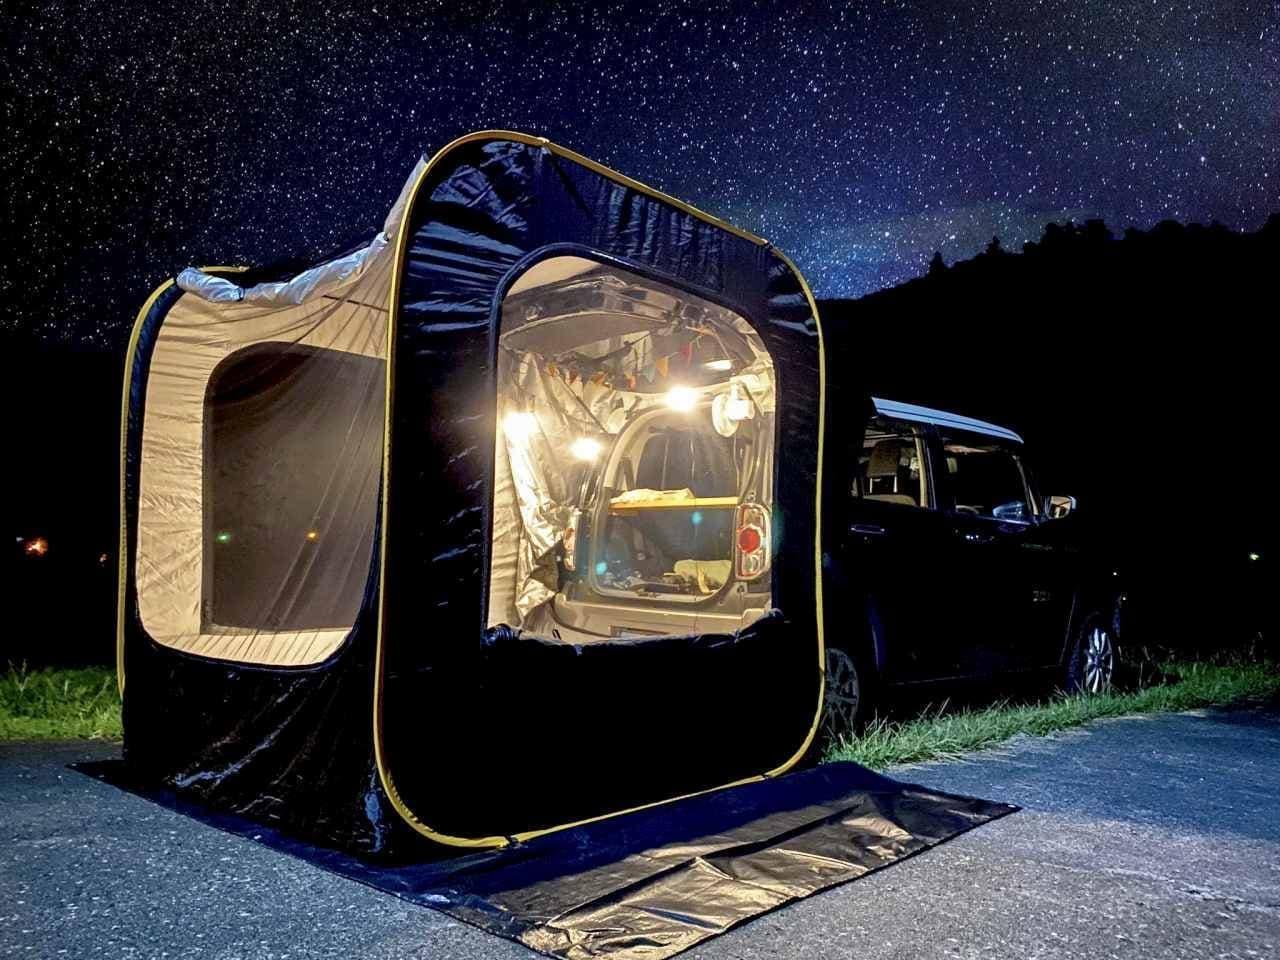 ハッチバックをキャンピングカーにするテント「CARSULE」展示販売決定